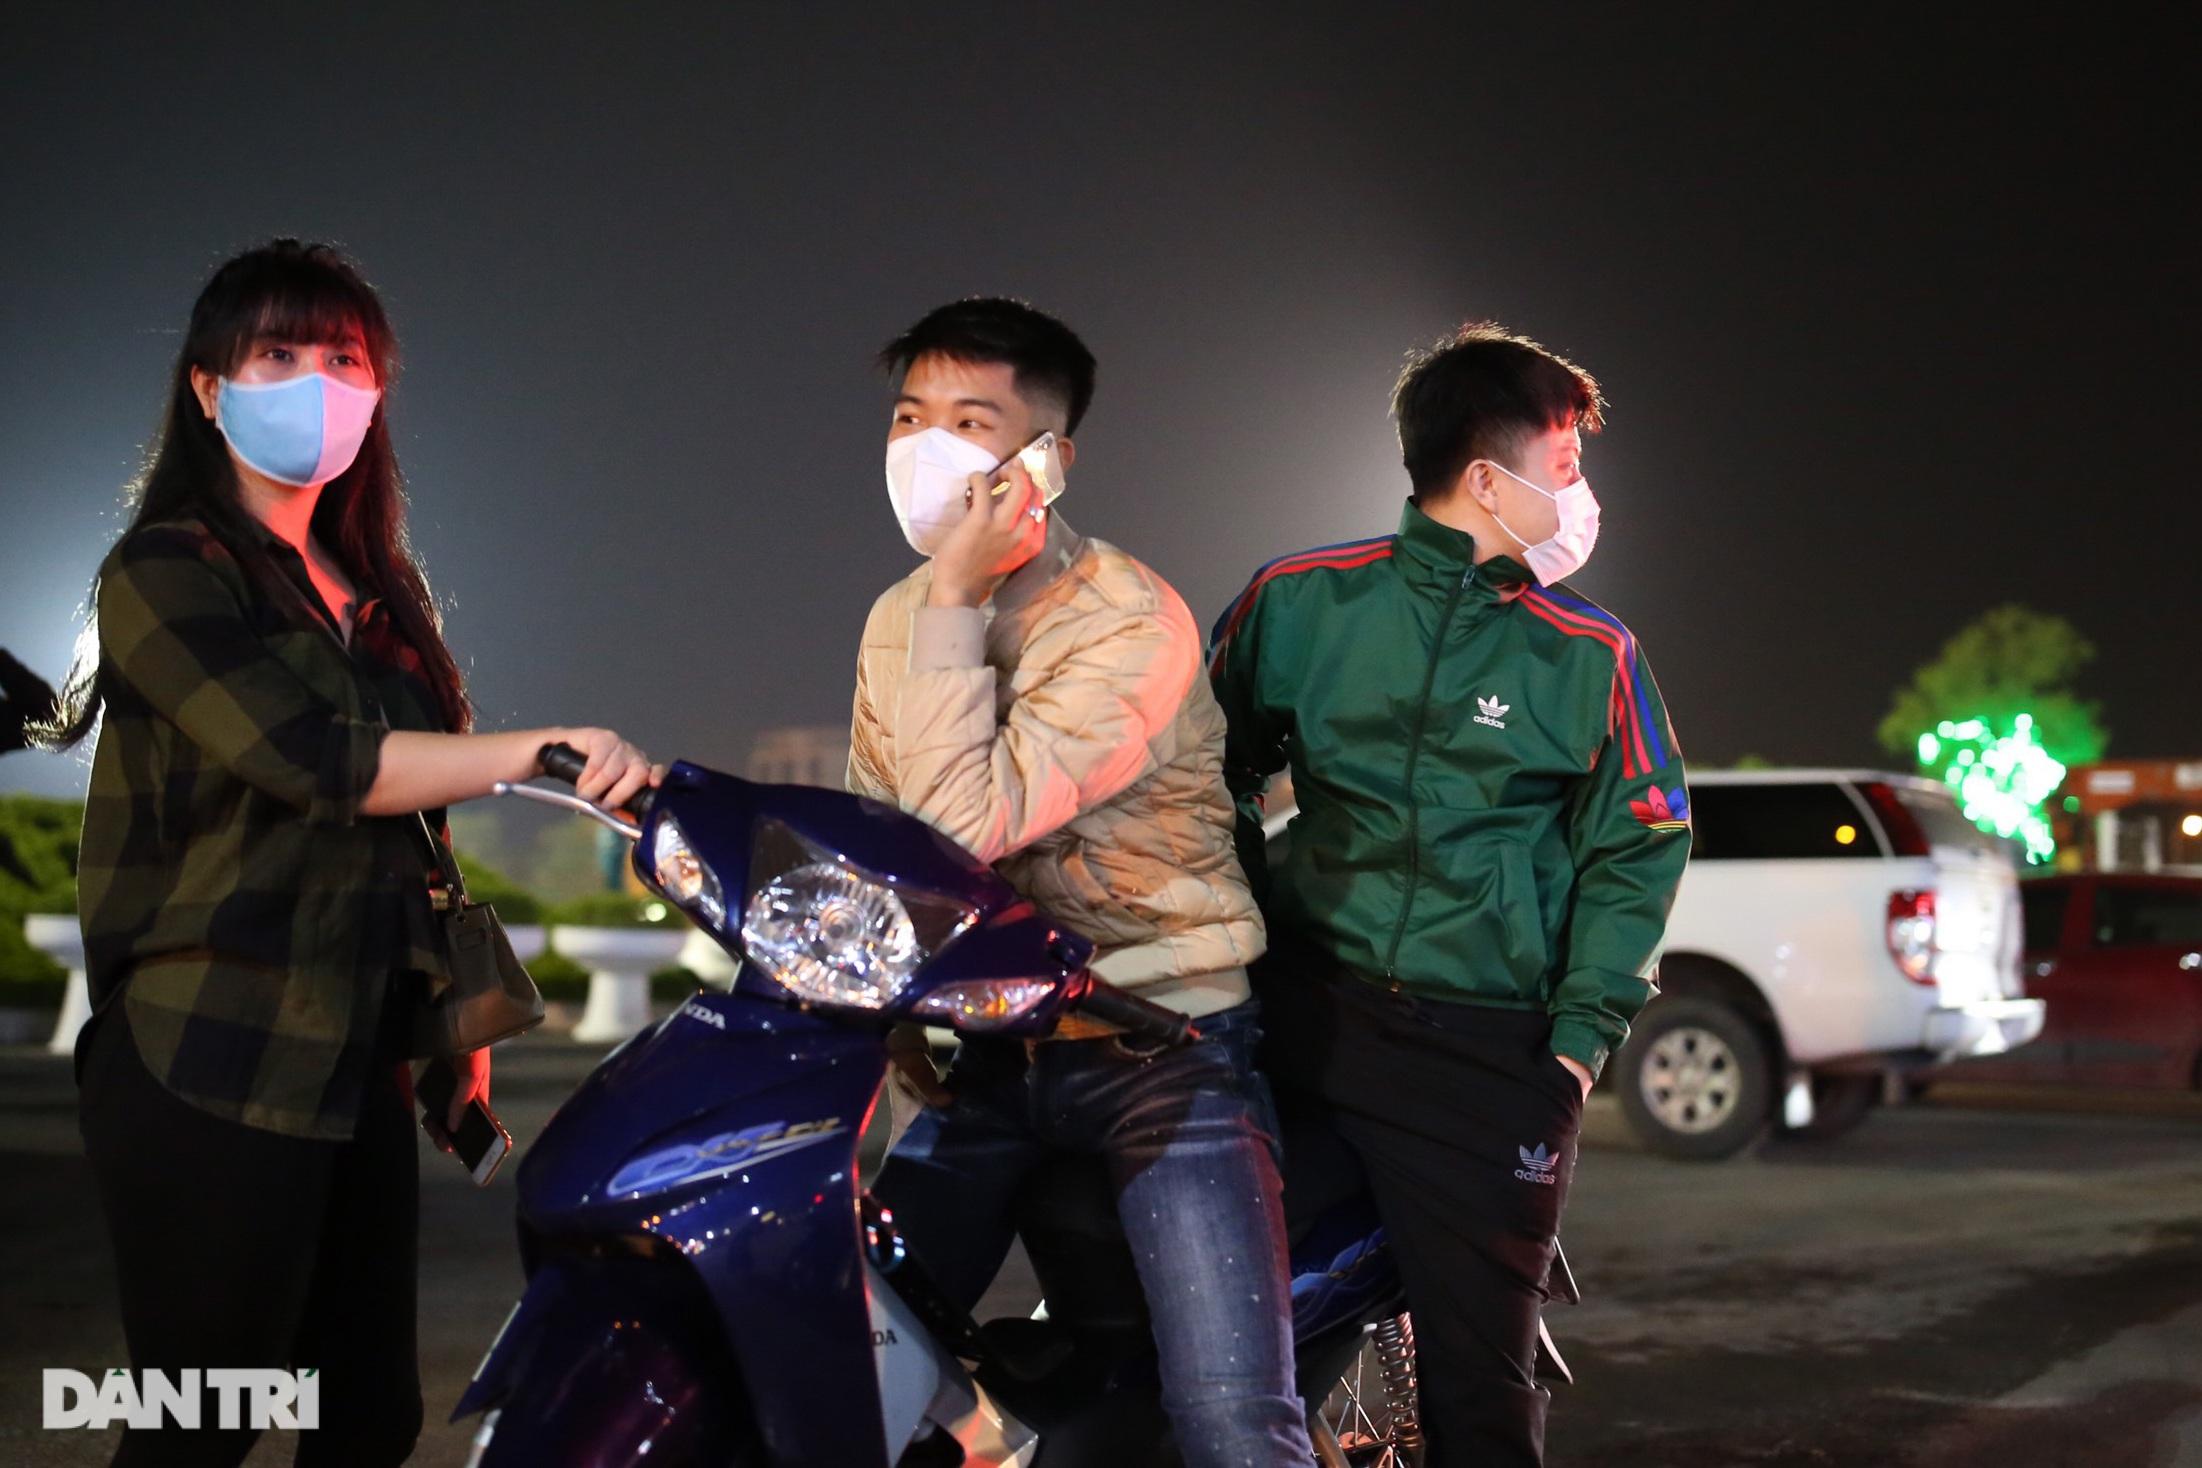 Pháo hoa rực rỡ, người dân vỡ òa cảm xúc khi TP Chí Linh được gỡ phong tỏa - Ảnh 3.